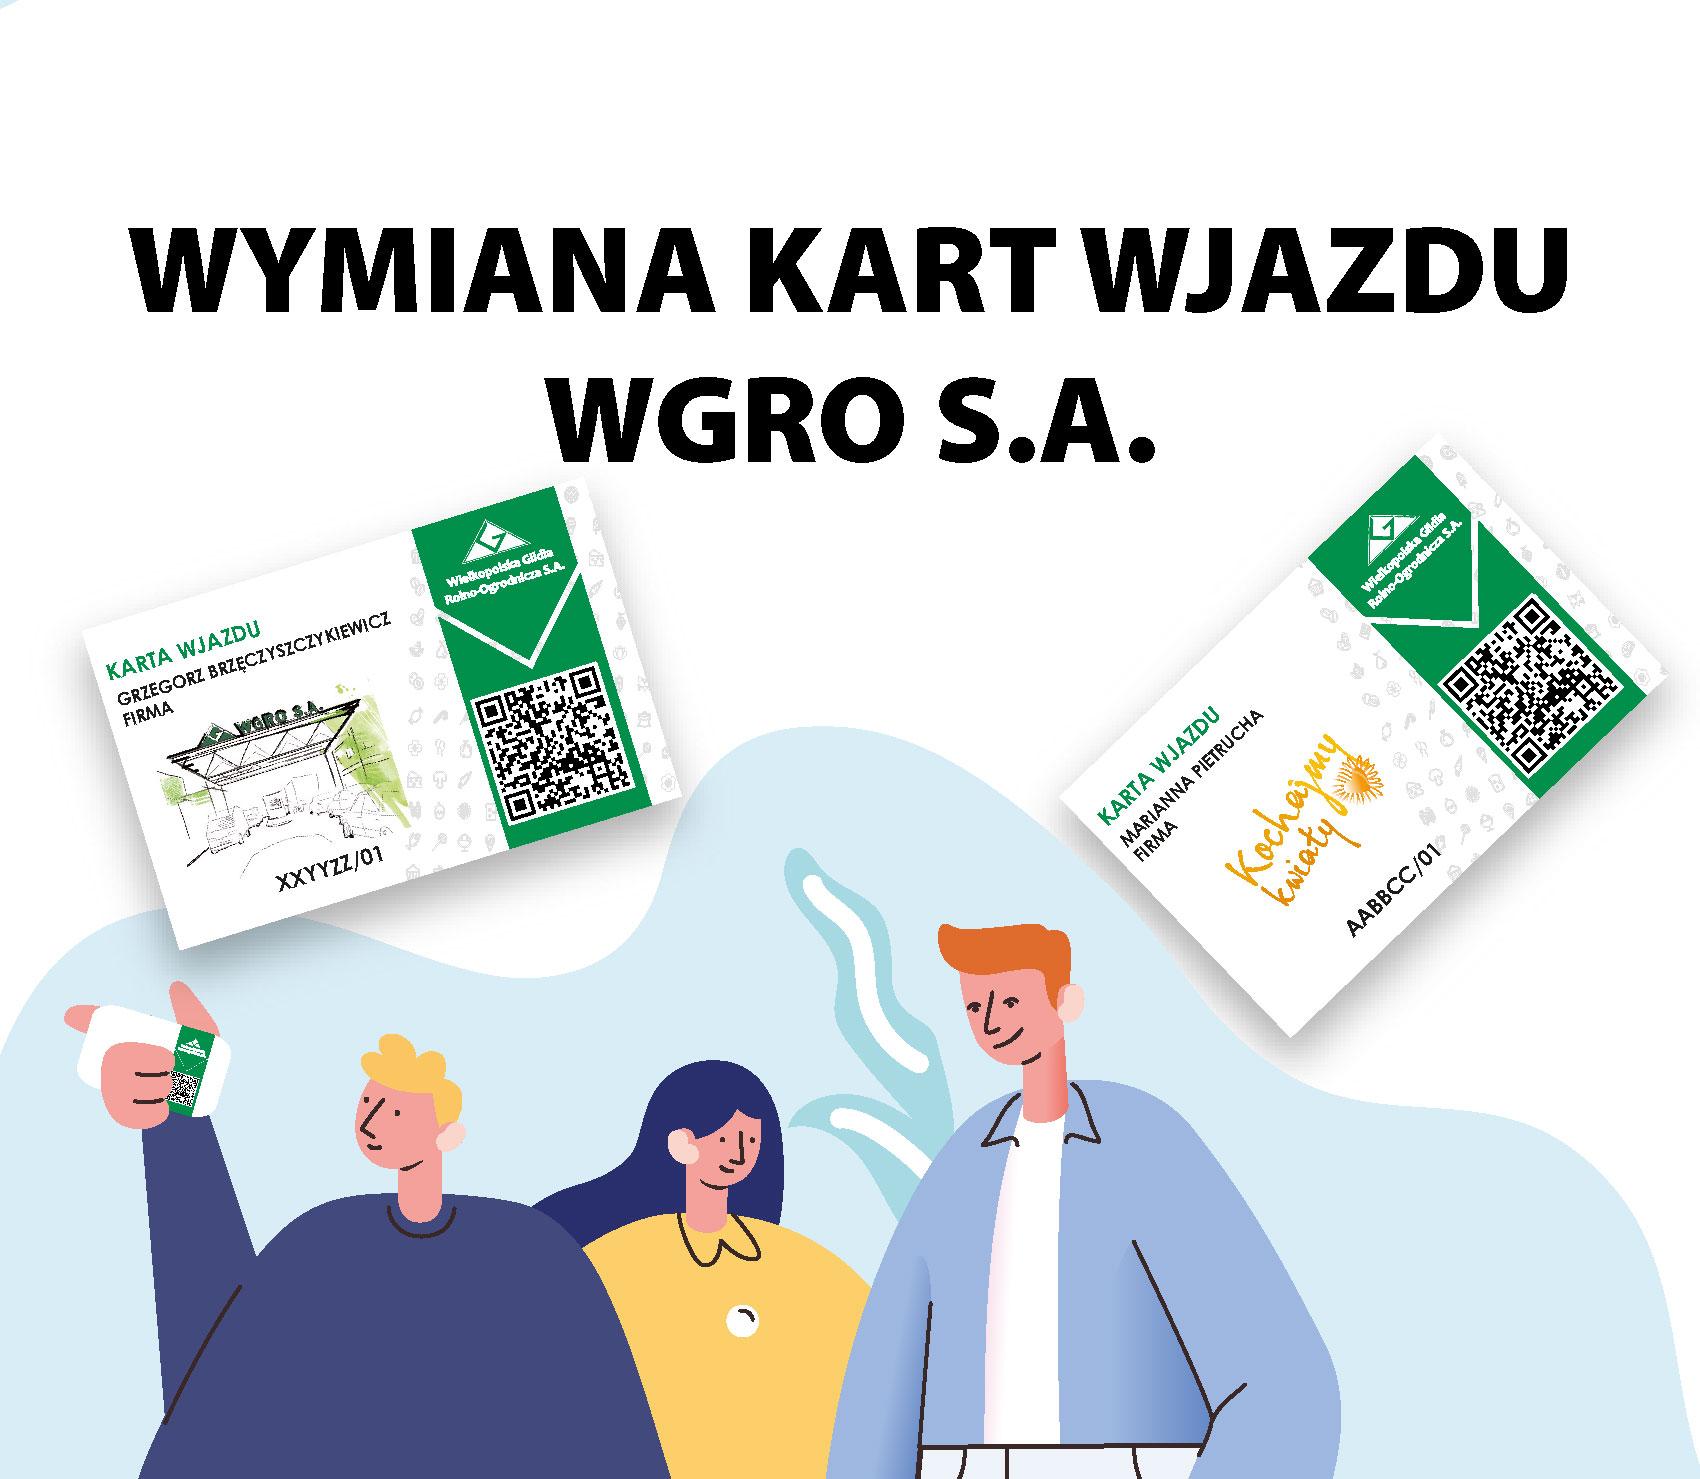 Nowe Karty Wjazdu Wgro S A Wgro Wgro